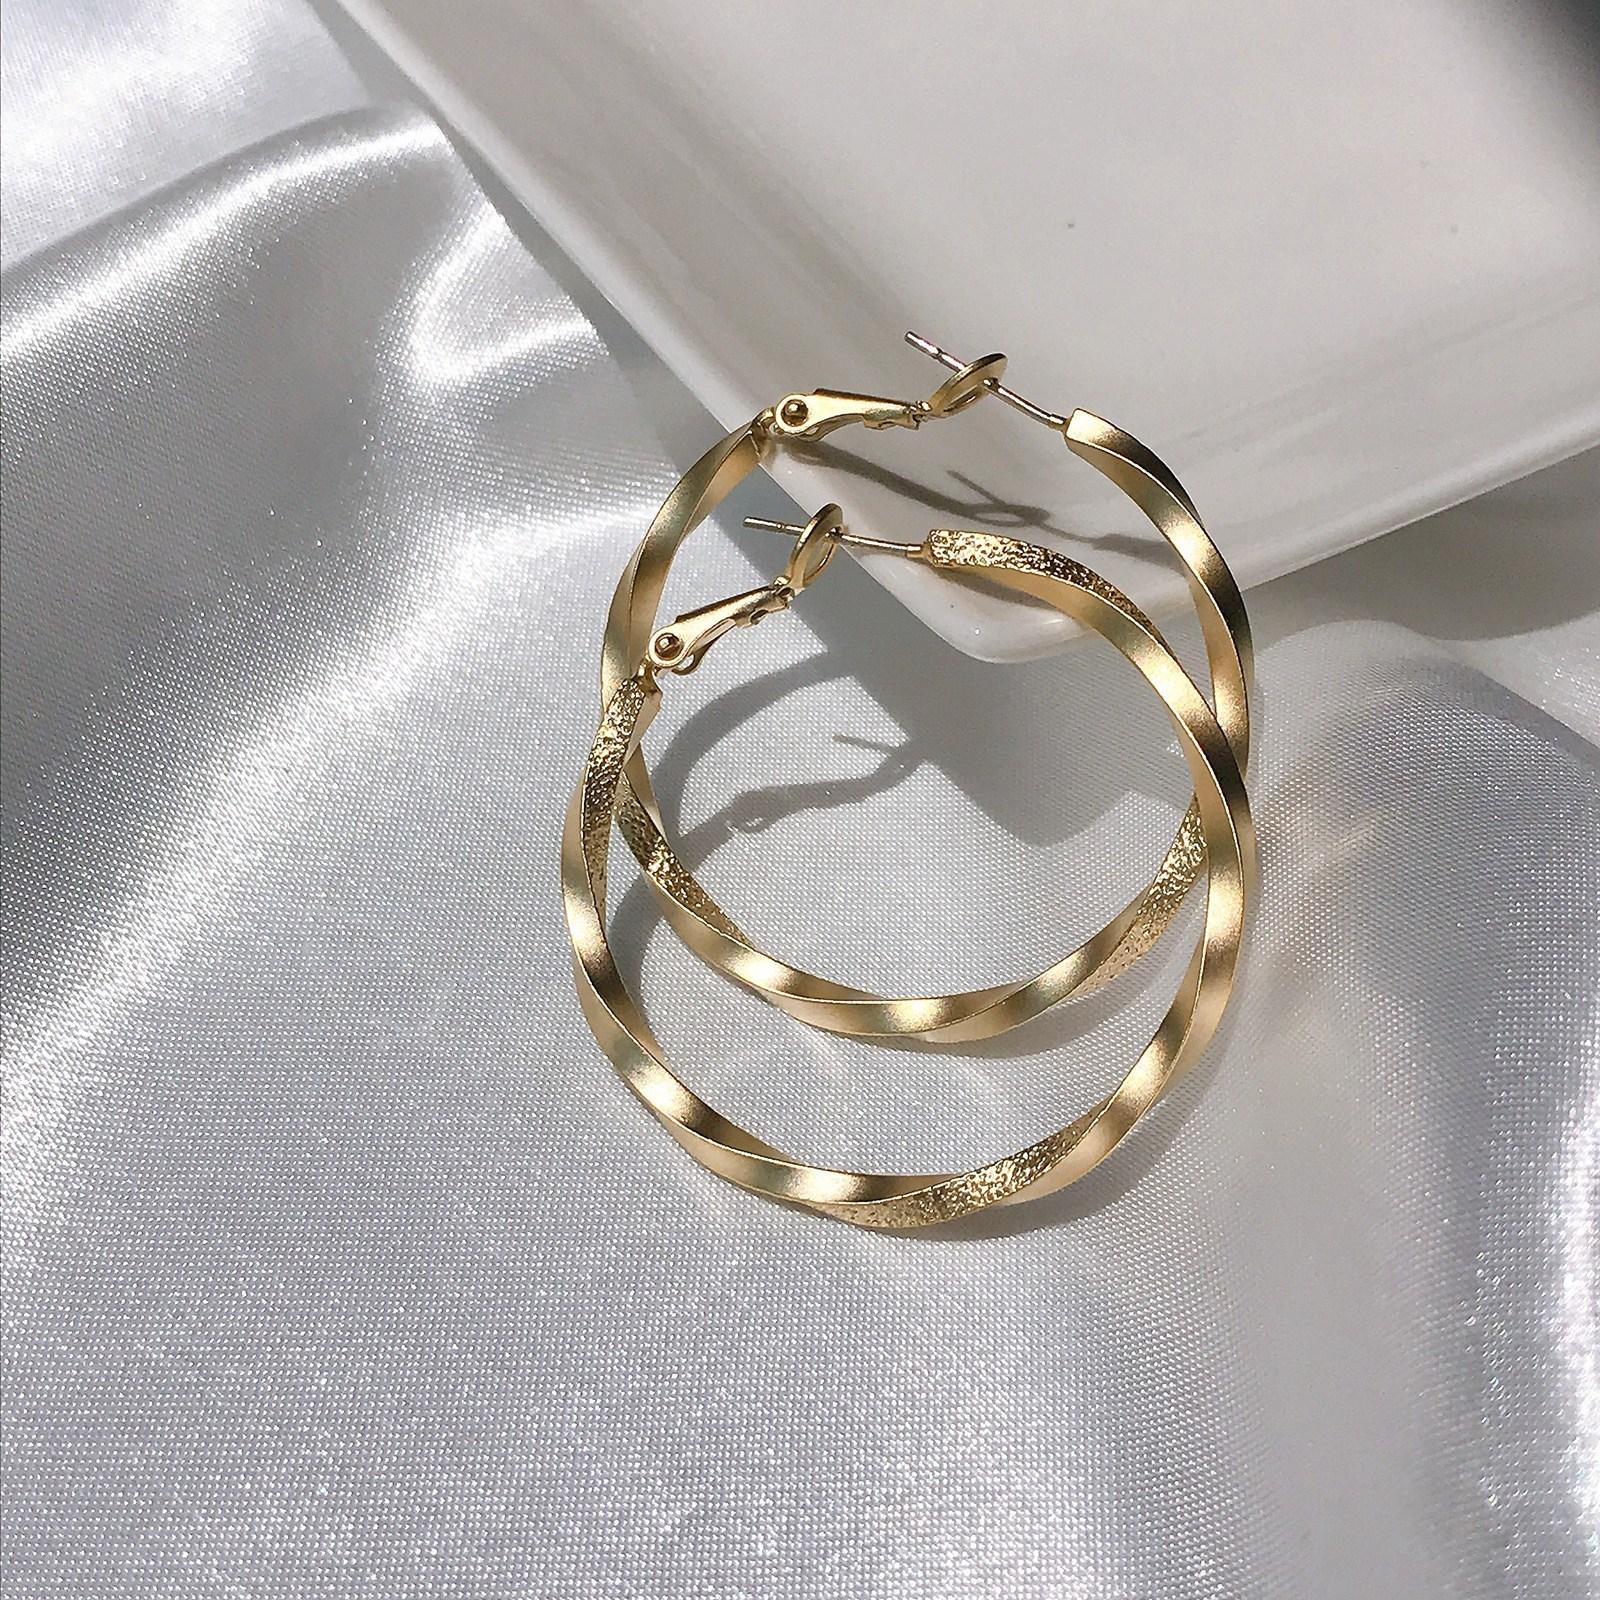 뿌앙 실버 925 은침 3cm 4cm 무광 꼬임 원터치 미니 링 귀걸이